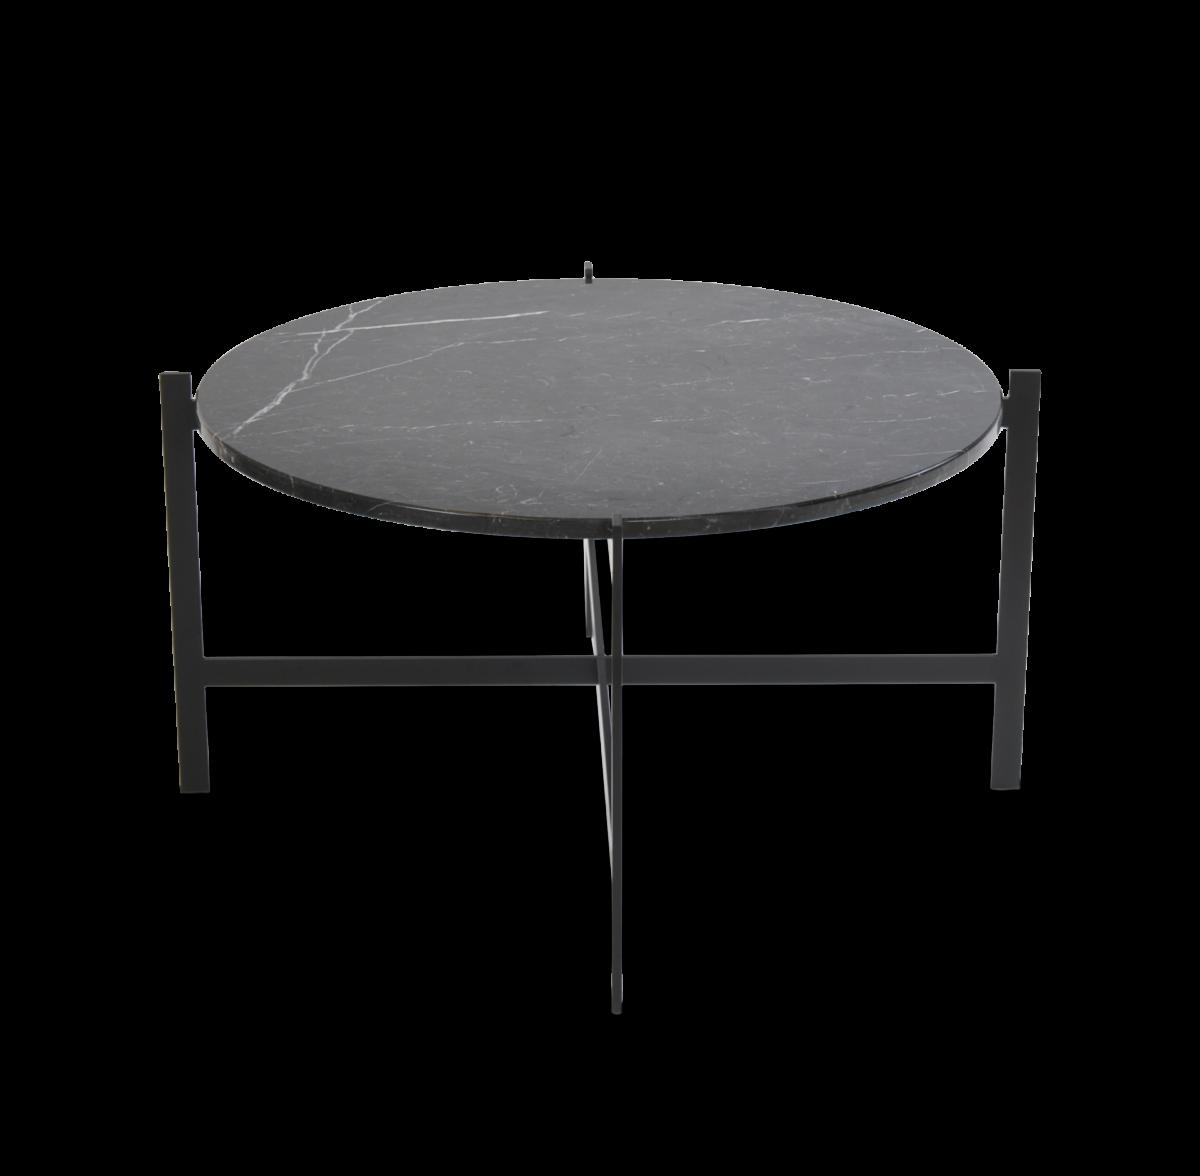 Large Deck Table black frame black marble